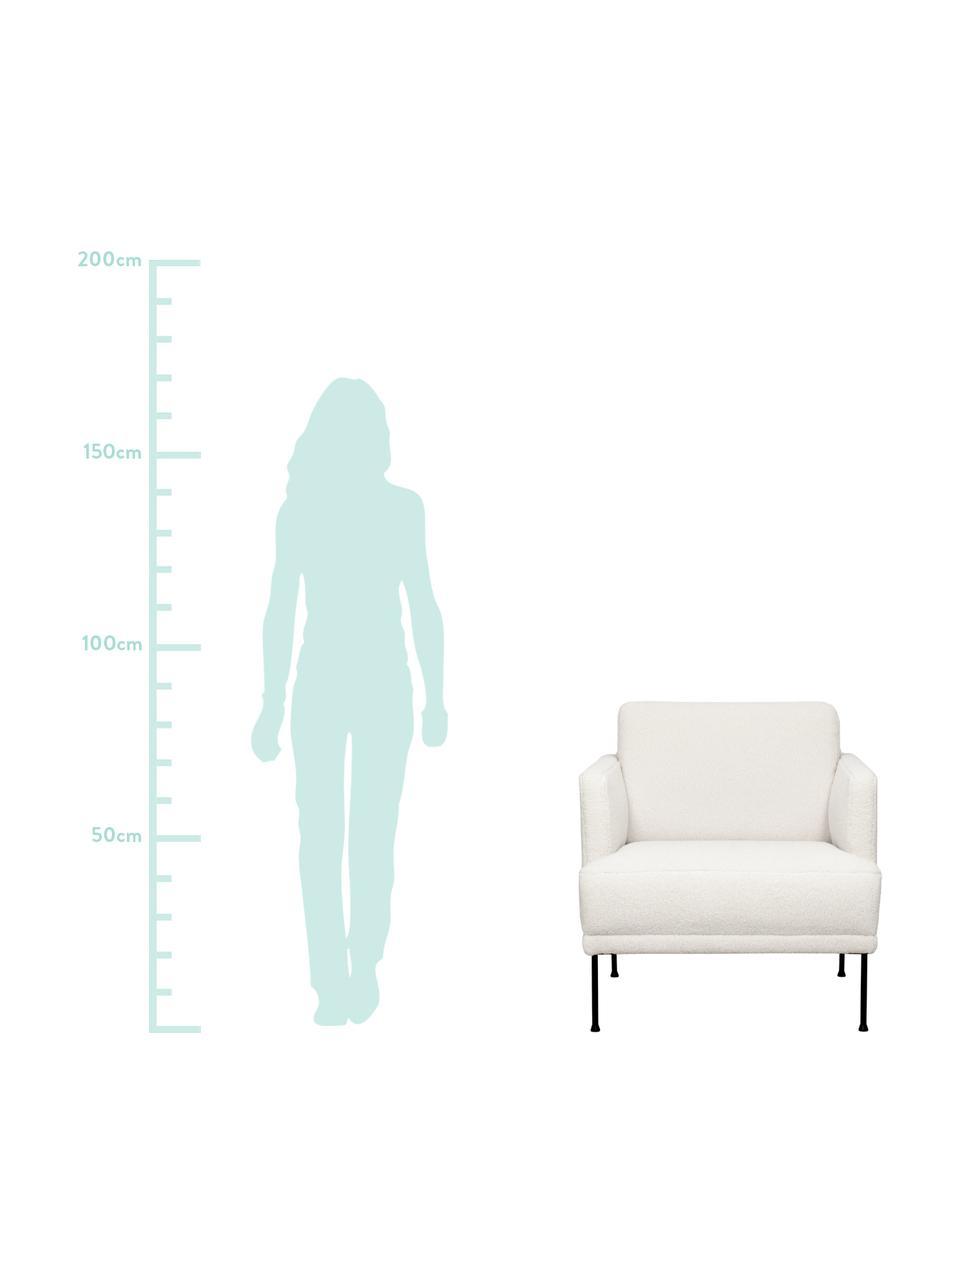 Teddy-Sessel Fluente in Cremeweiß mit Metall-Füßen, Bezug: 100% Polyester (Teddyfell, Gestell: Massives Kiefernholz, Füße: Metall, pulverbeschichtet, Teddy Cremeweiß, B 74 x T 85 cm